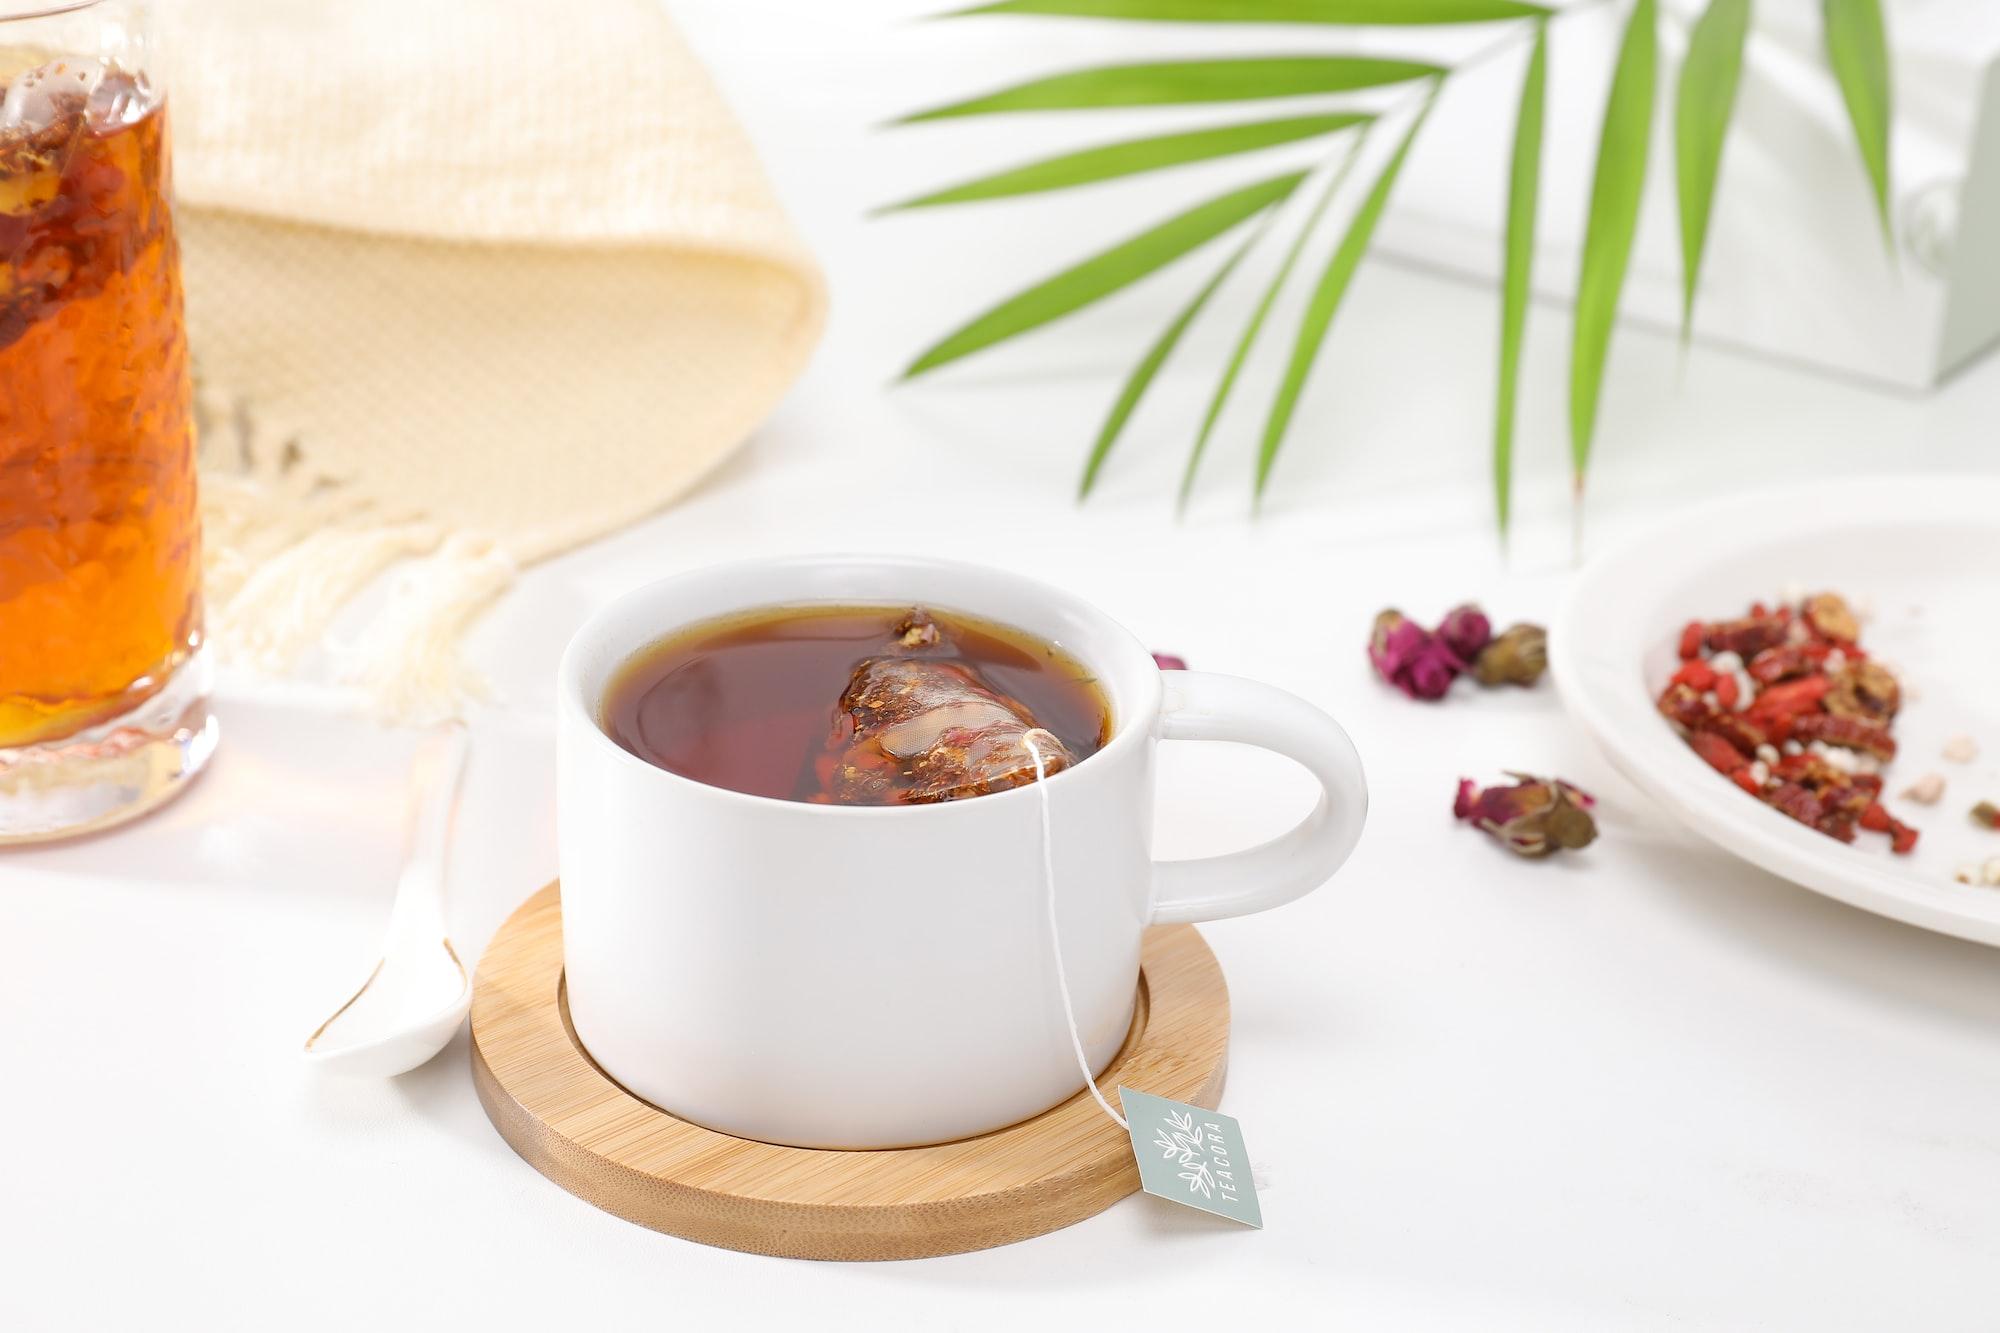 Tea by Teacora Rooibos.